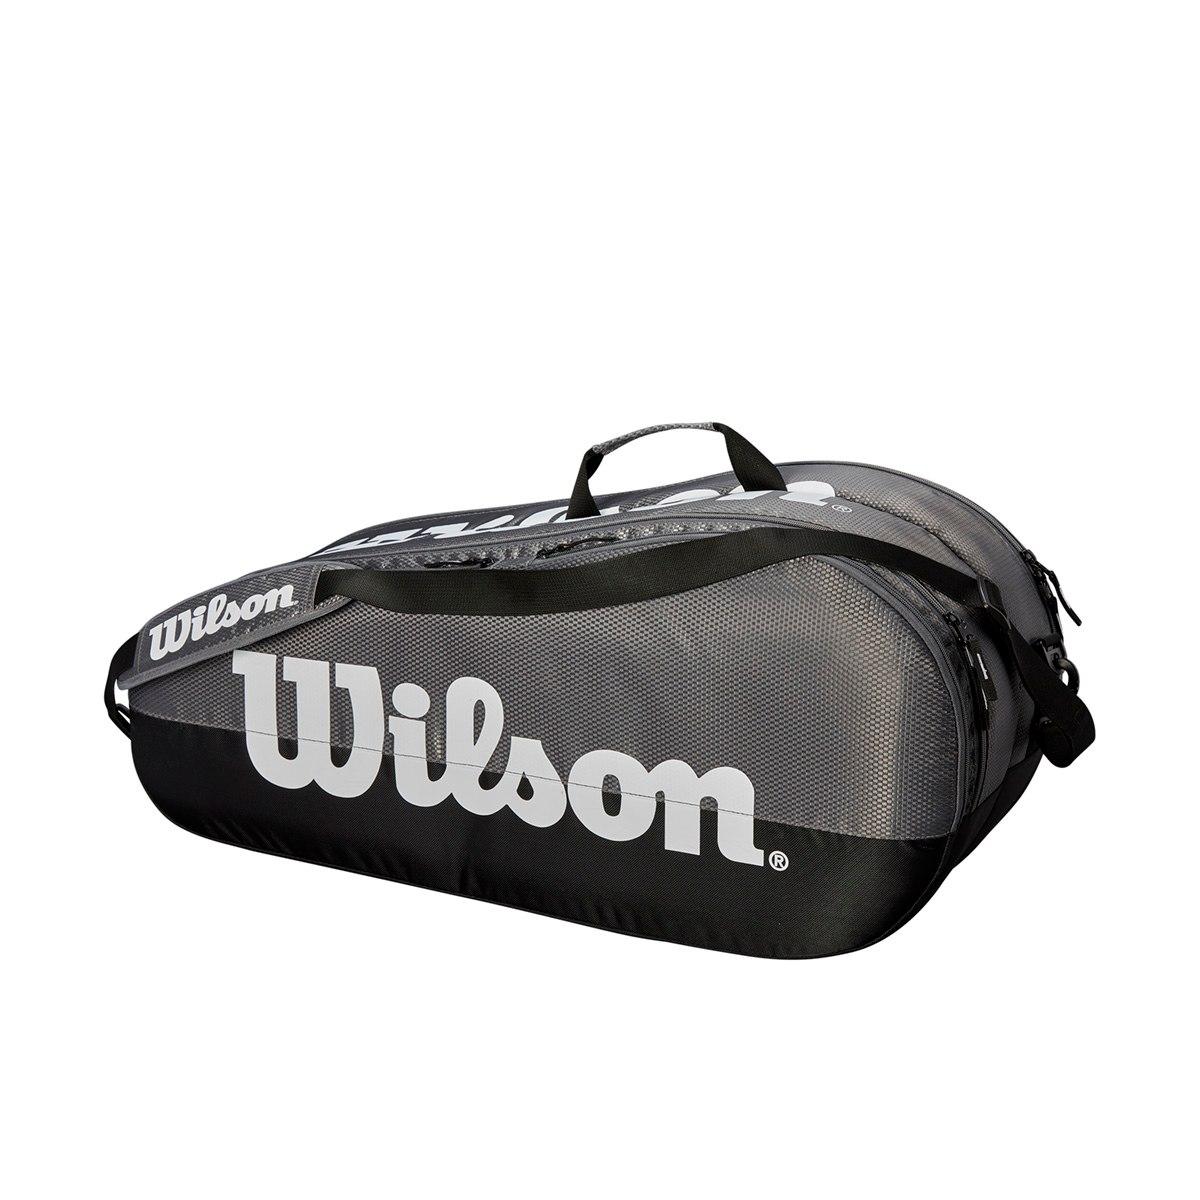 תיק טניס 2 תאים  Wilson Team 2 Pack Competition